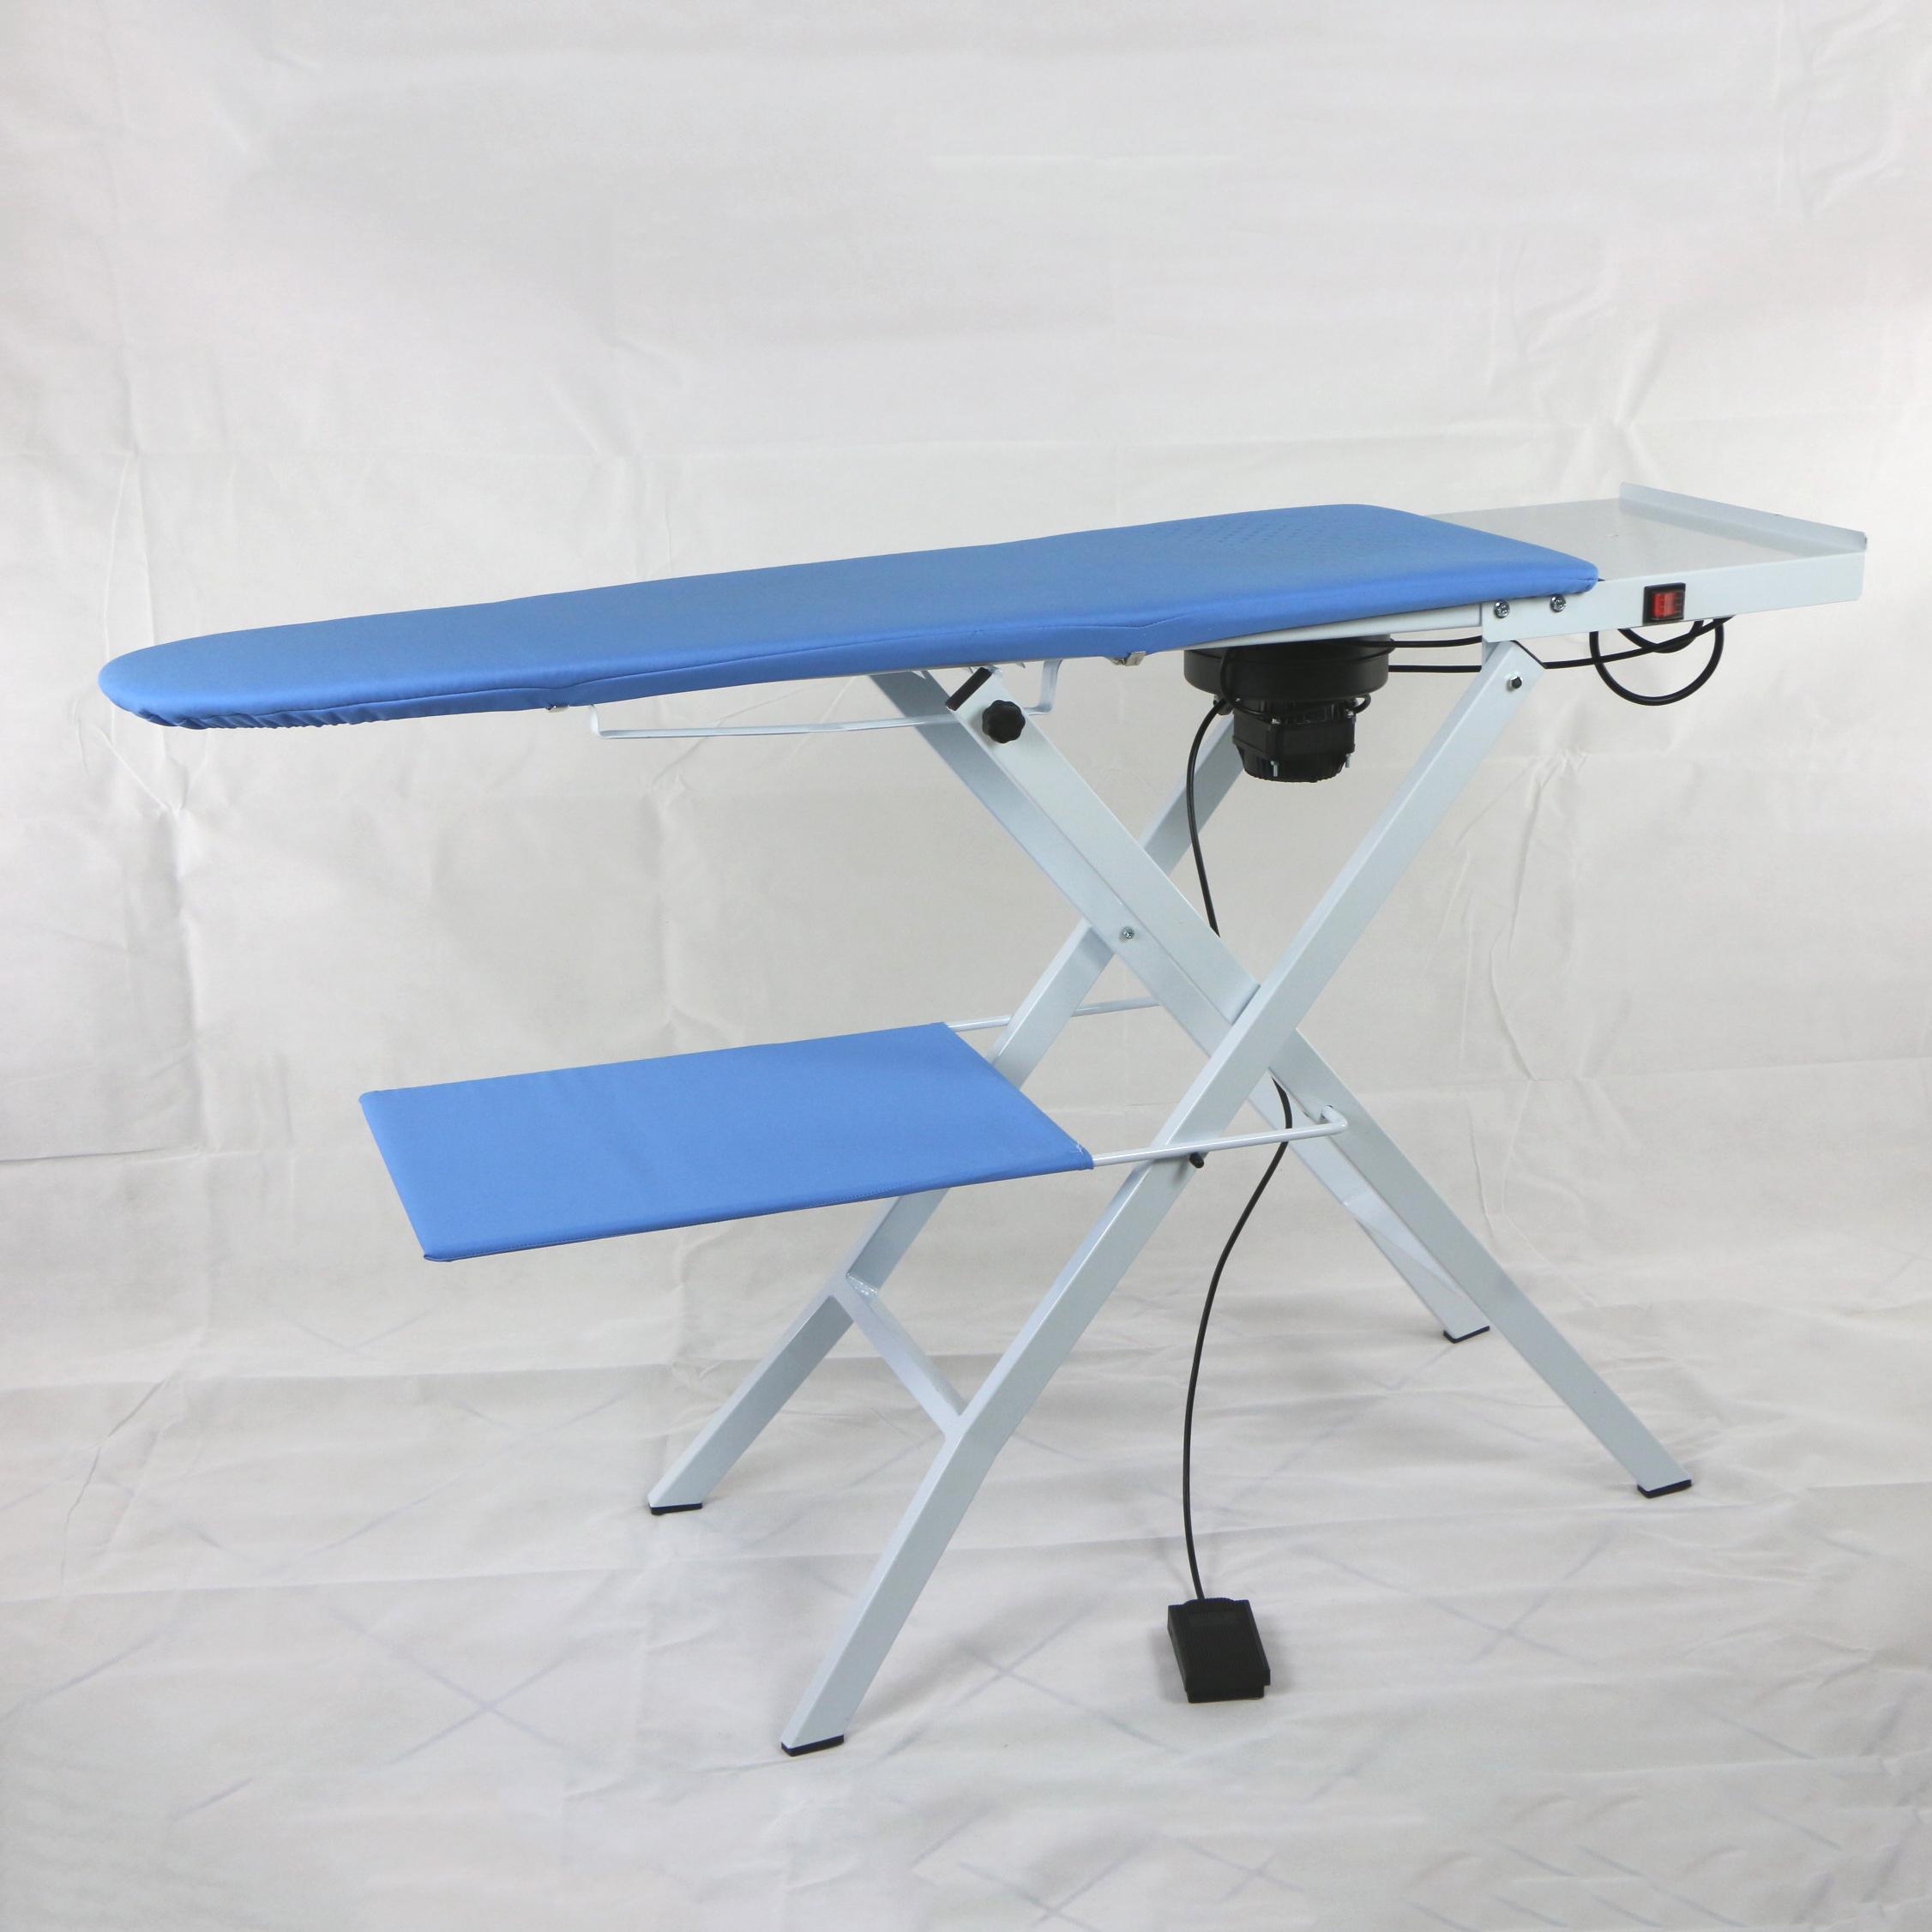 Tavolo da stiro professionale mod 006 pr termostir - Foppapedretti tavolo da stiro ...